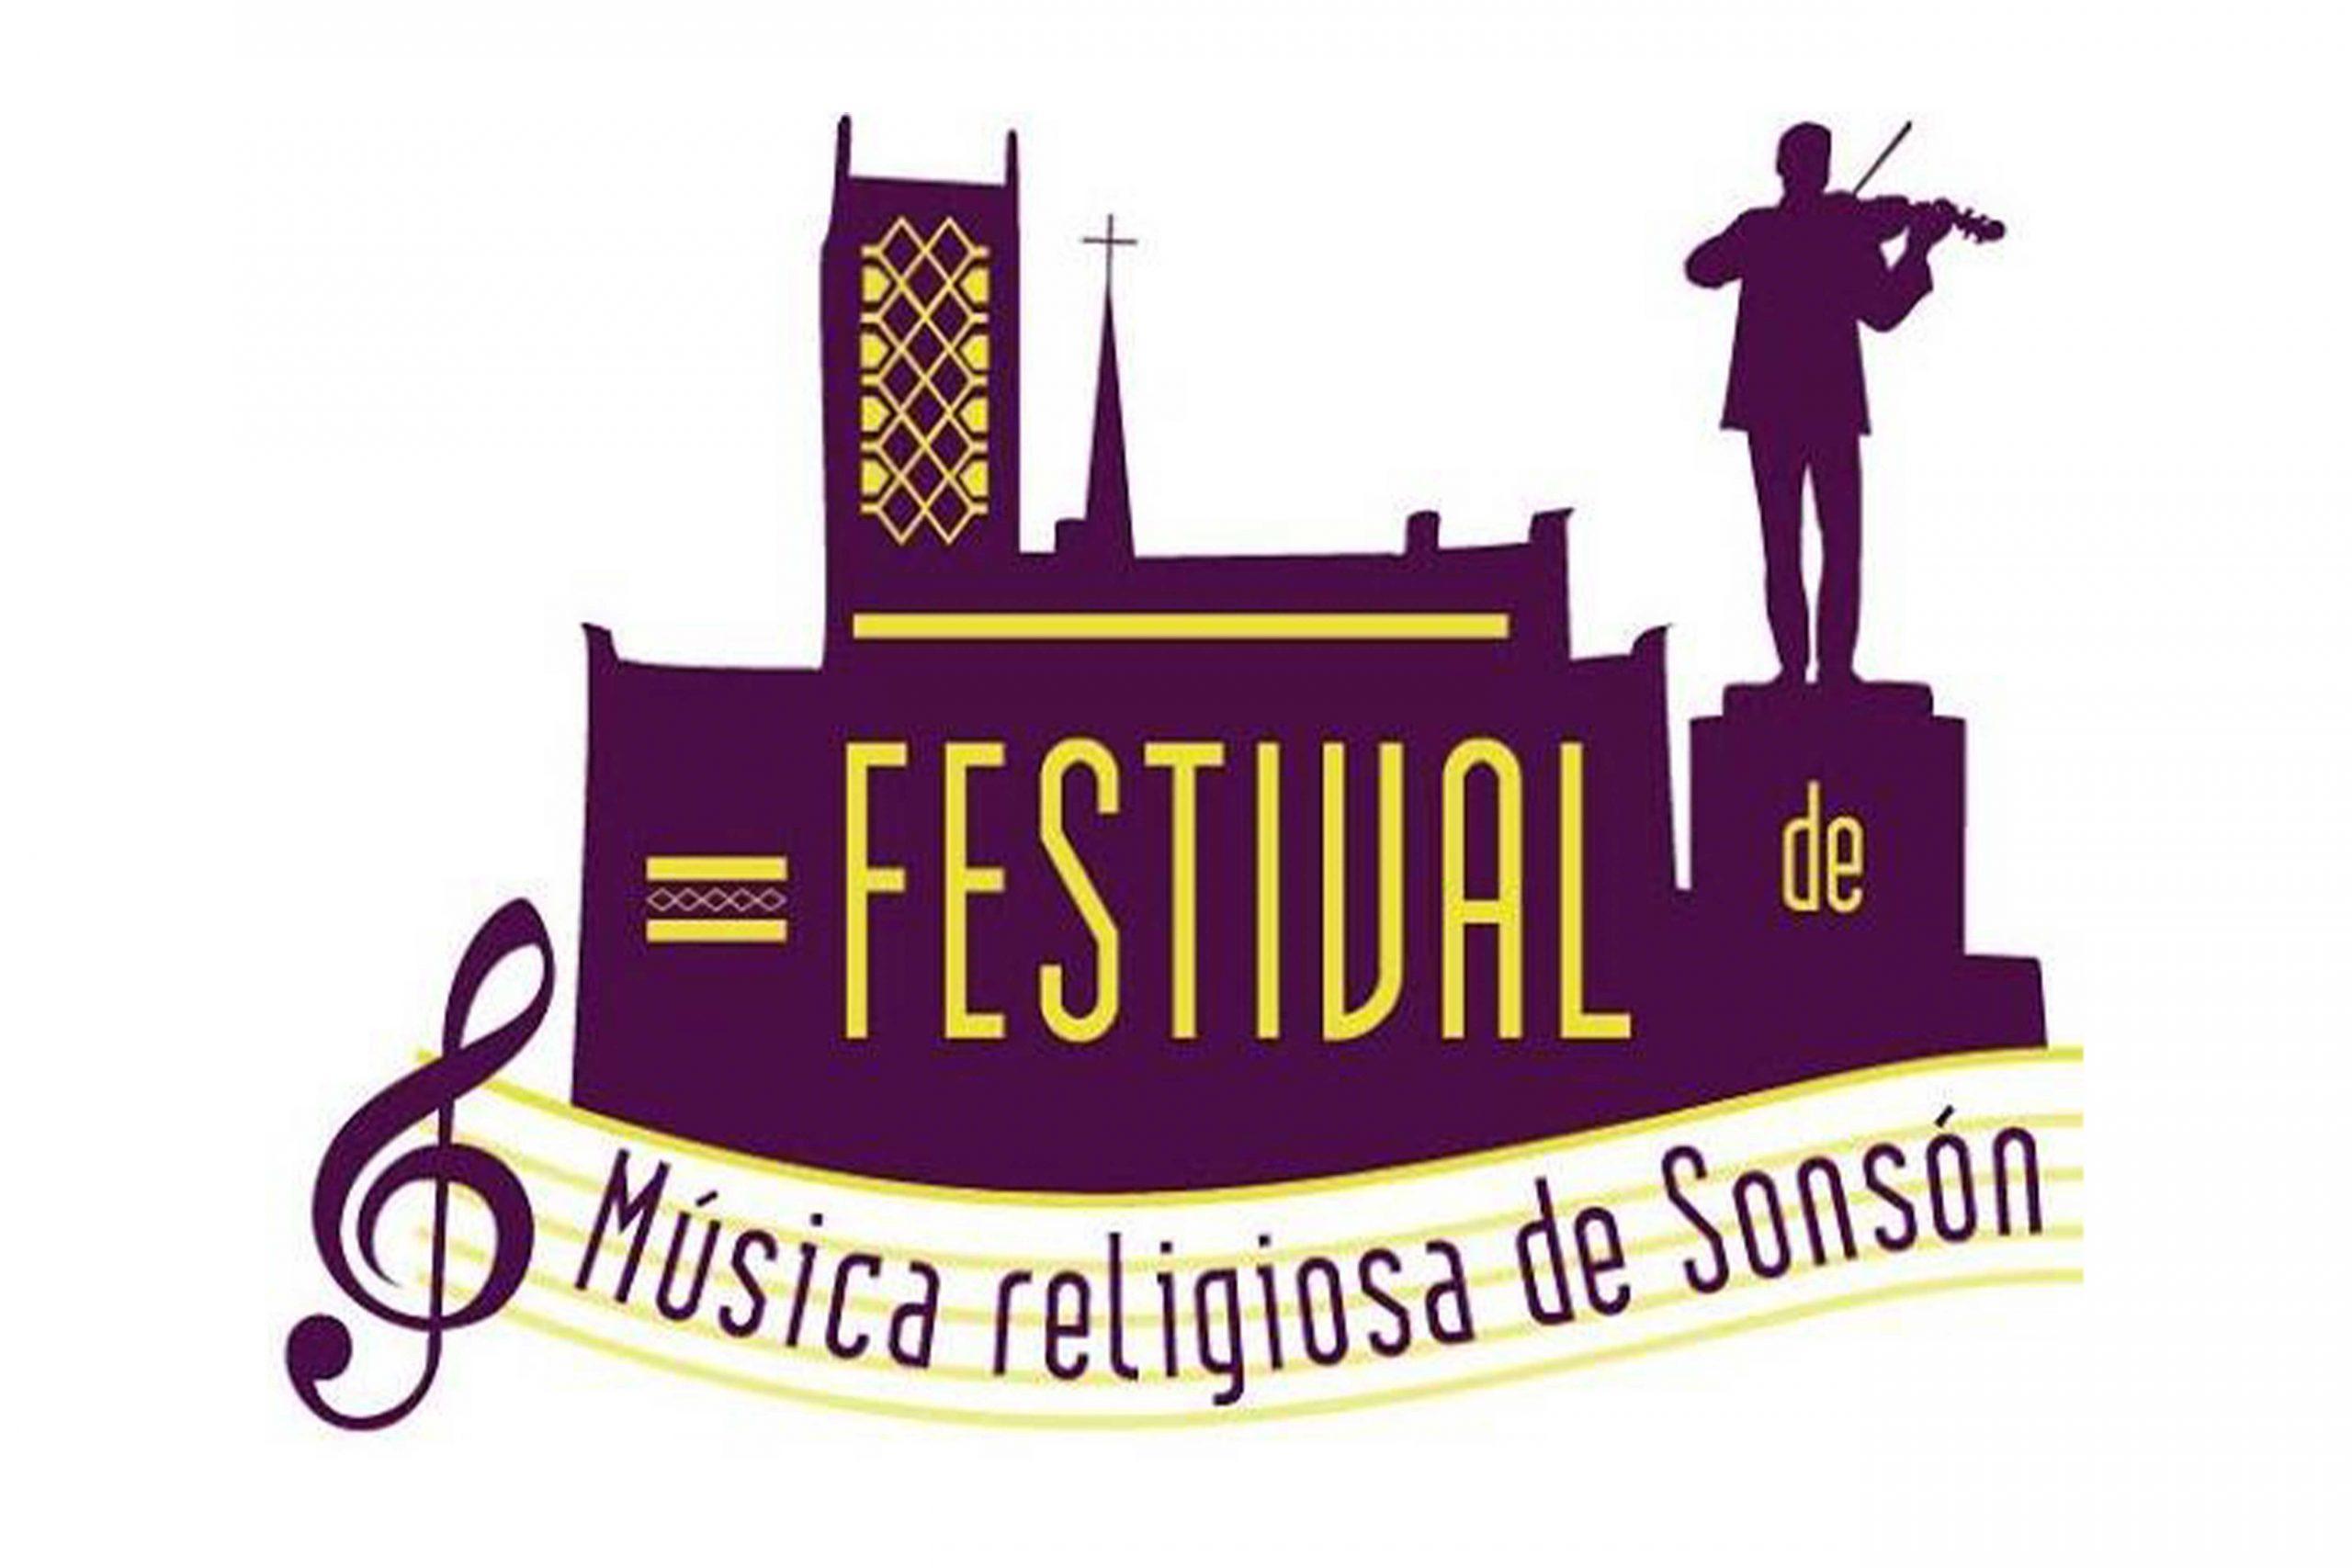 Festival-de-Música-Religiosa-Sonsón